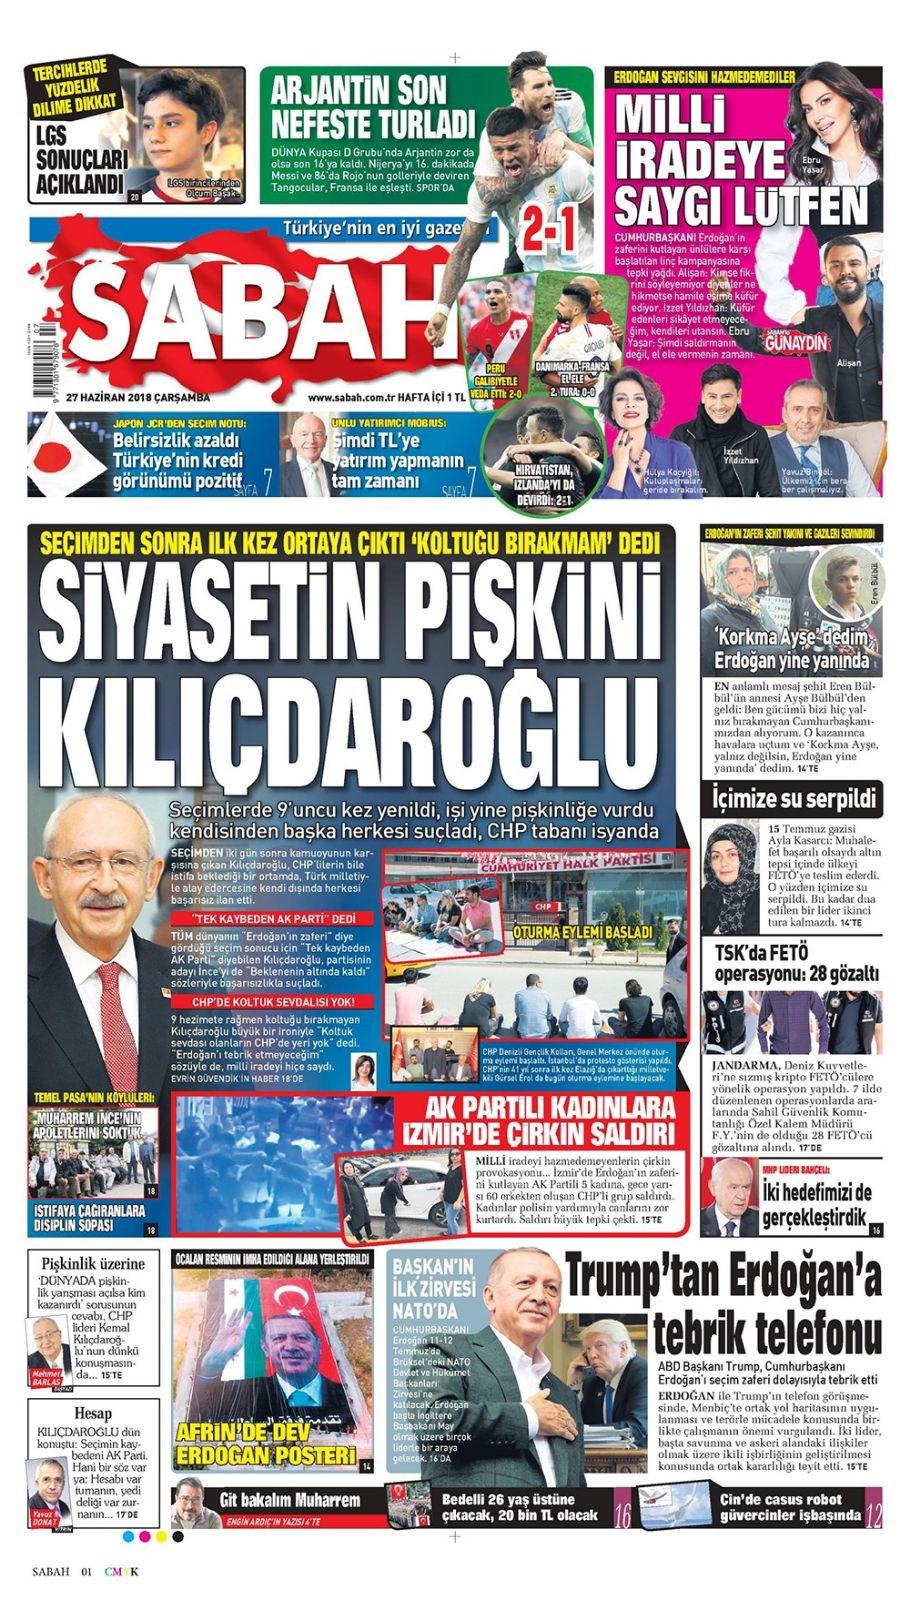 Günün gazete manşetleri (27 Haziran 2018)